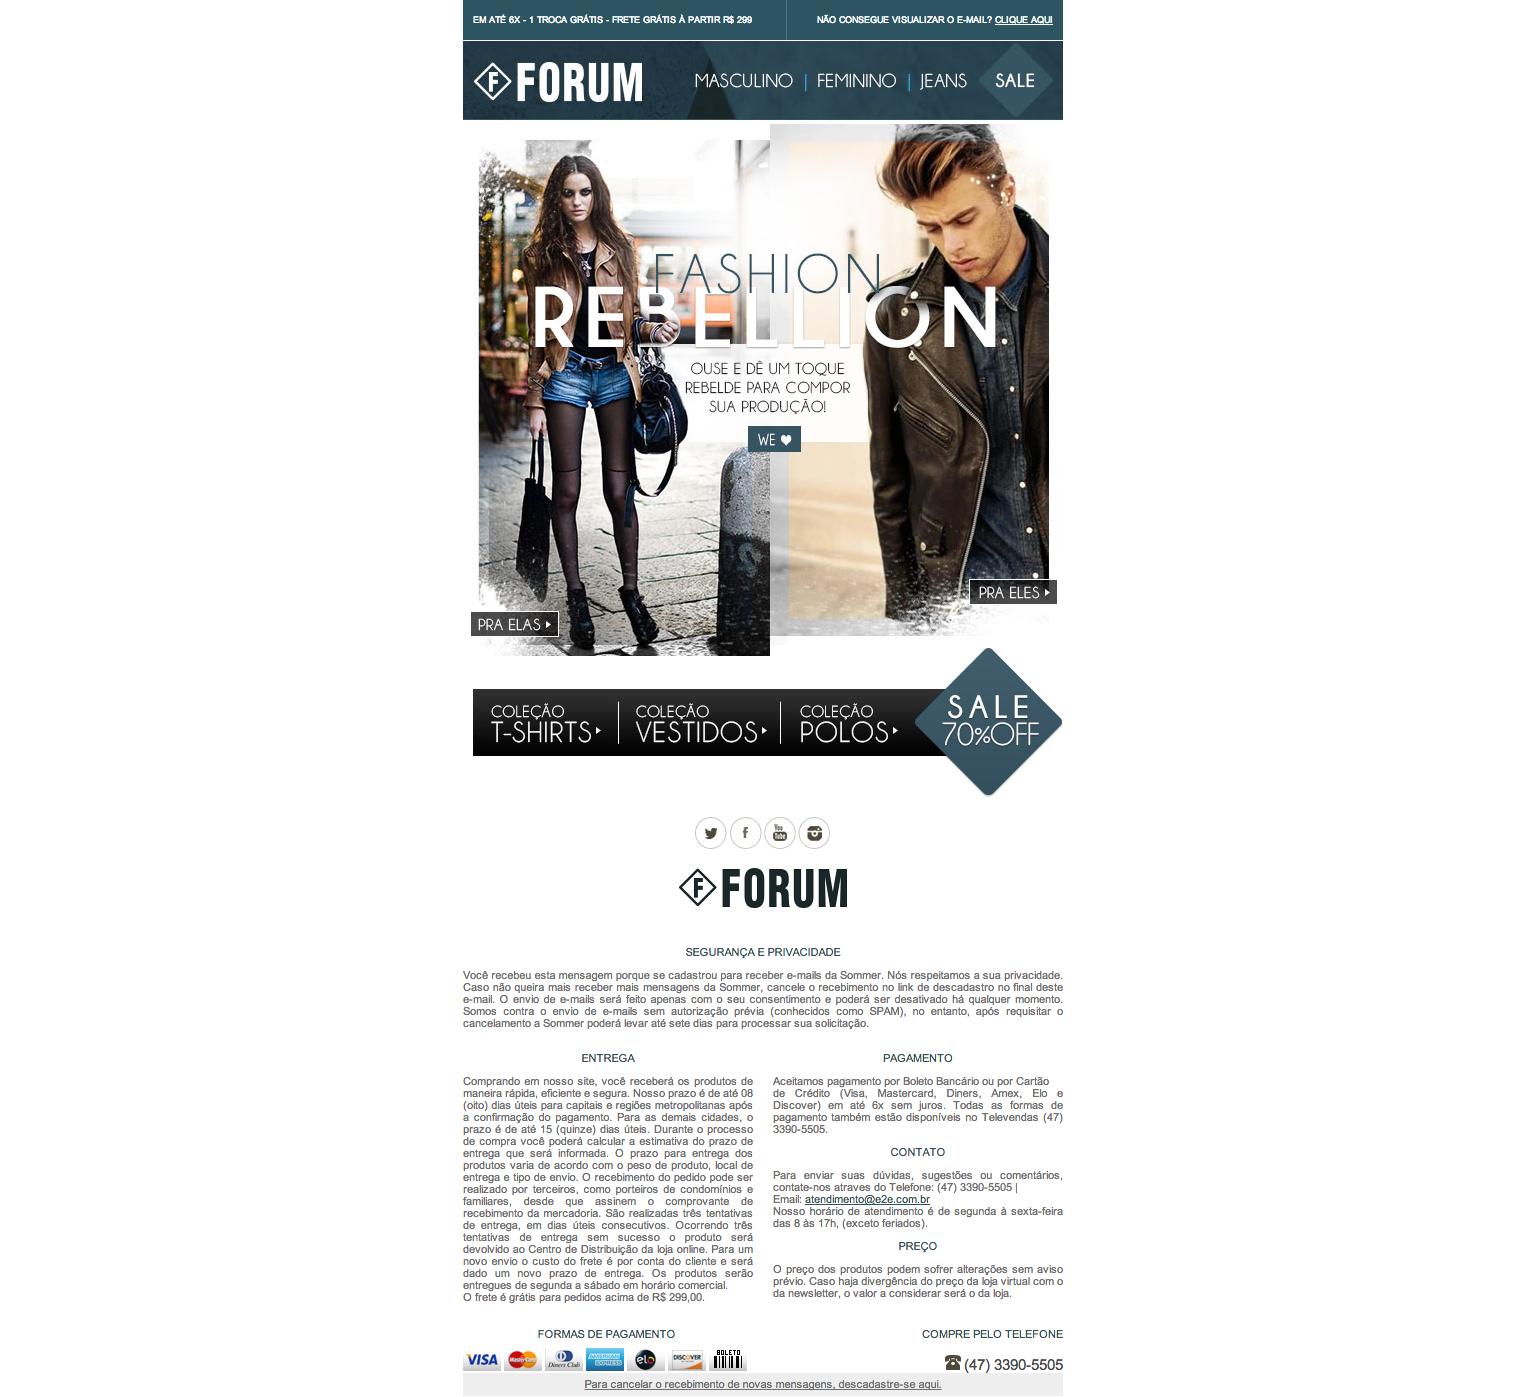 Forum140609